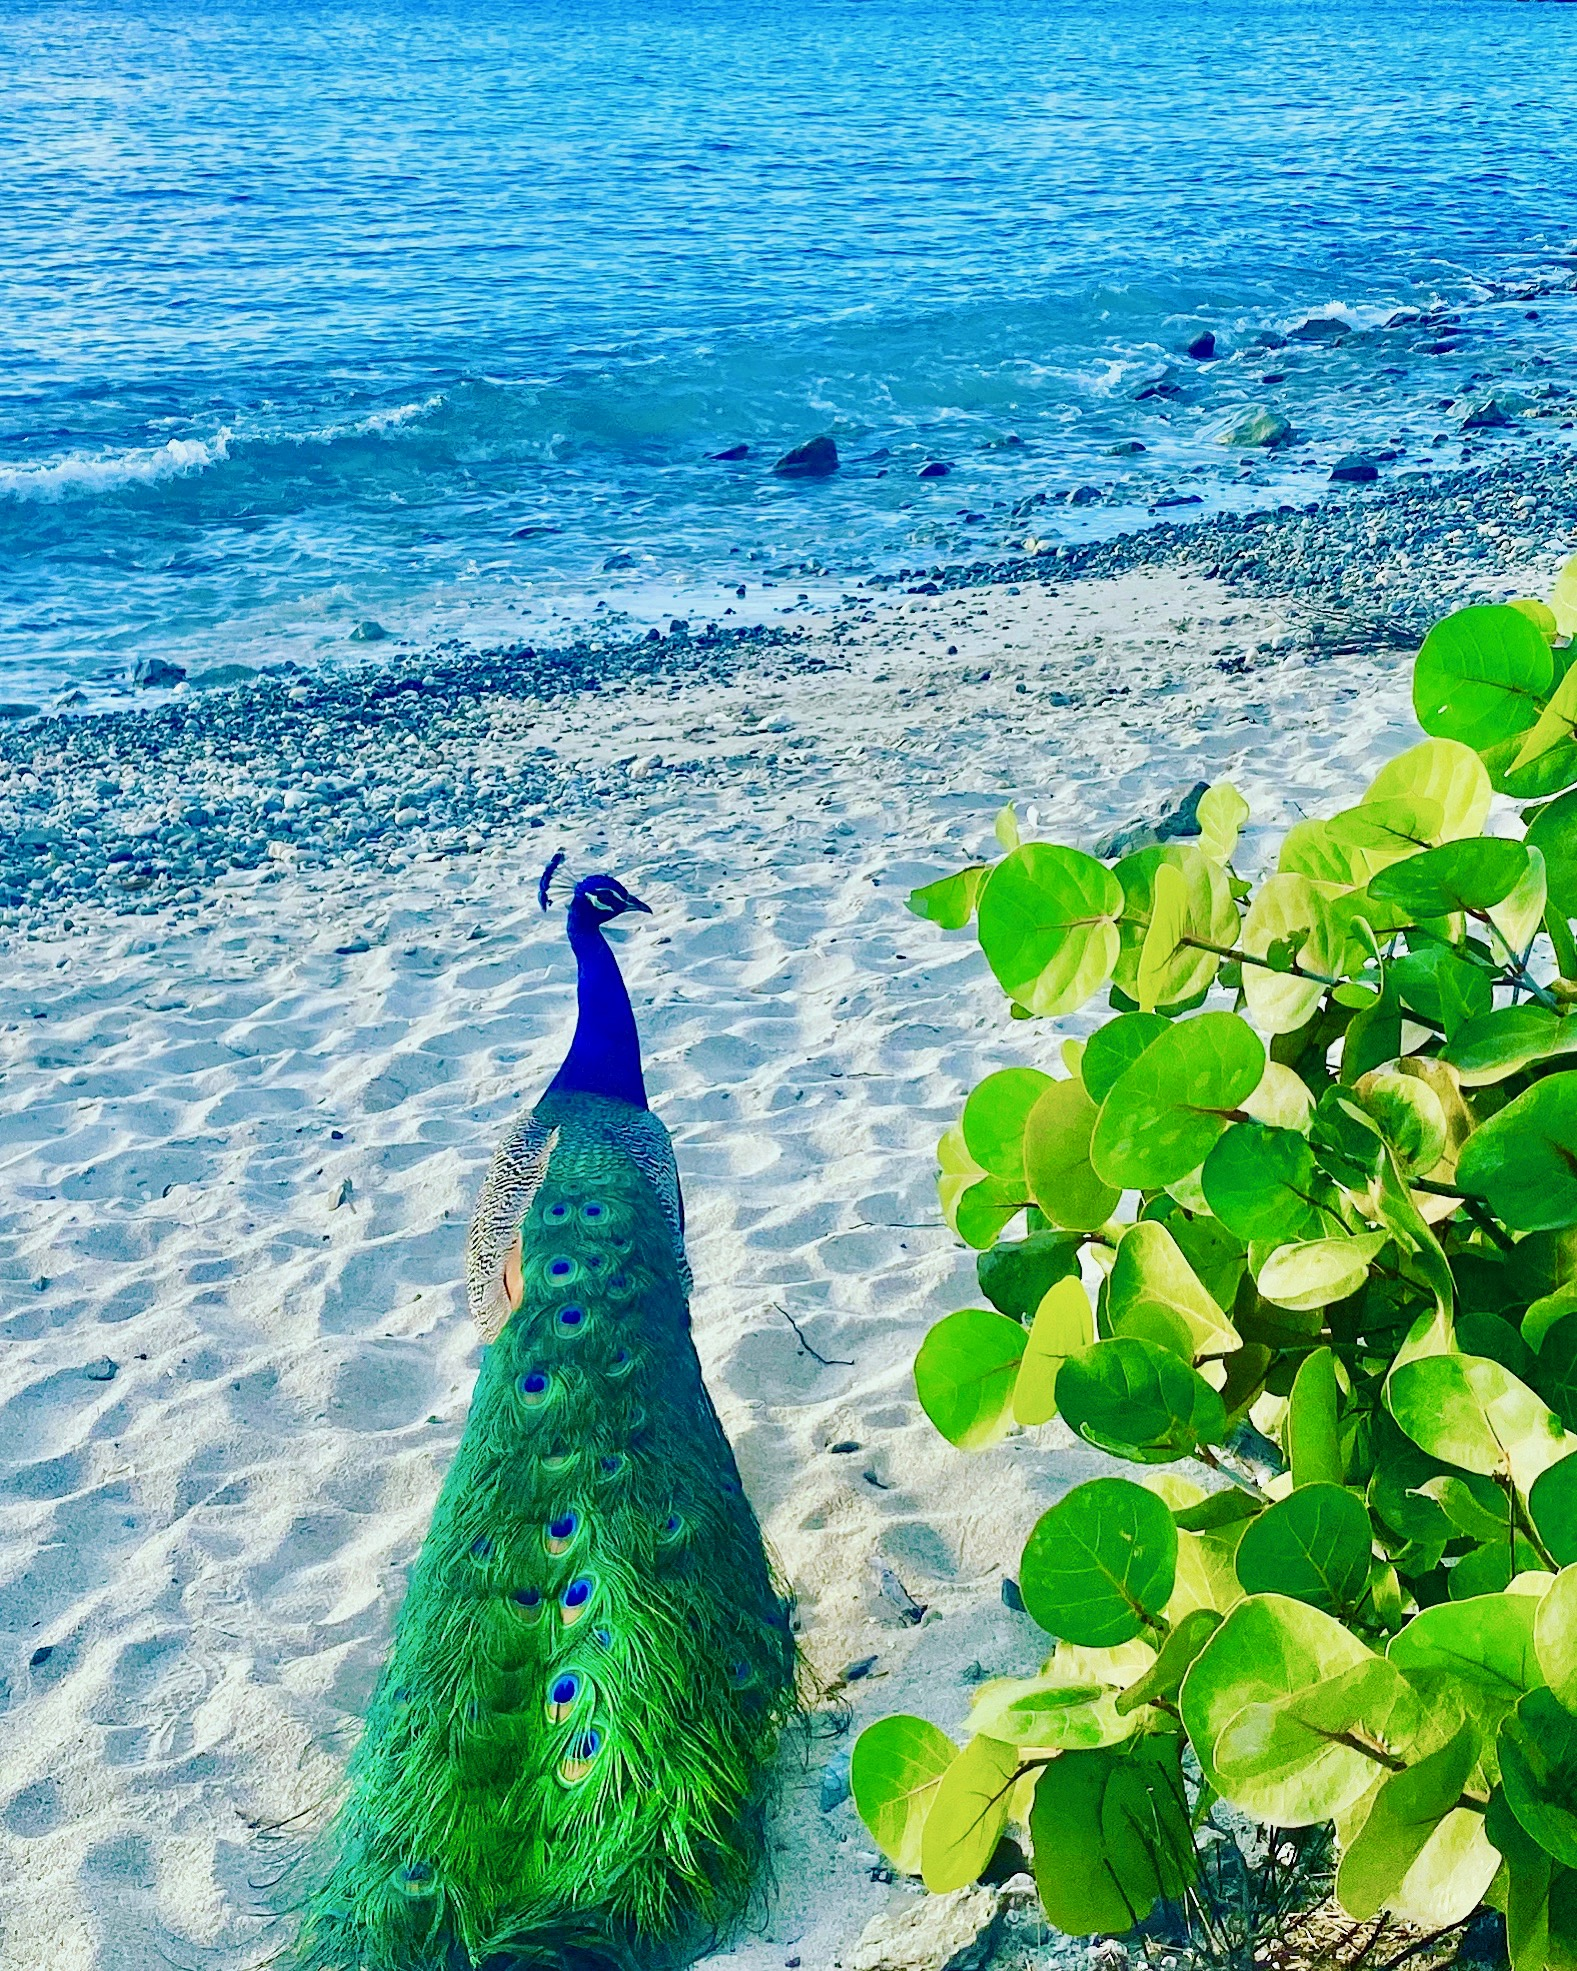 Peacock in Frank Bay